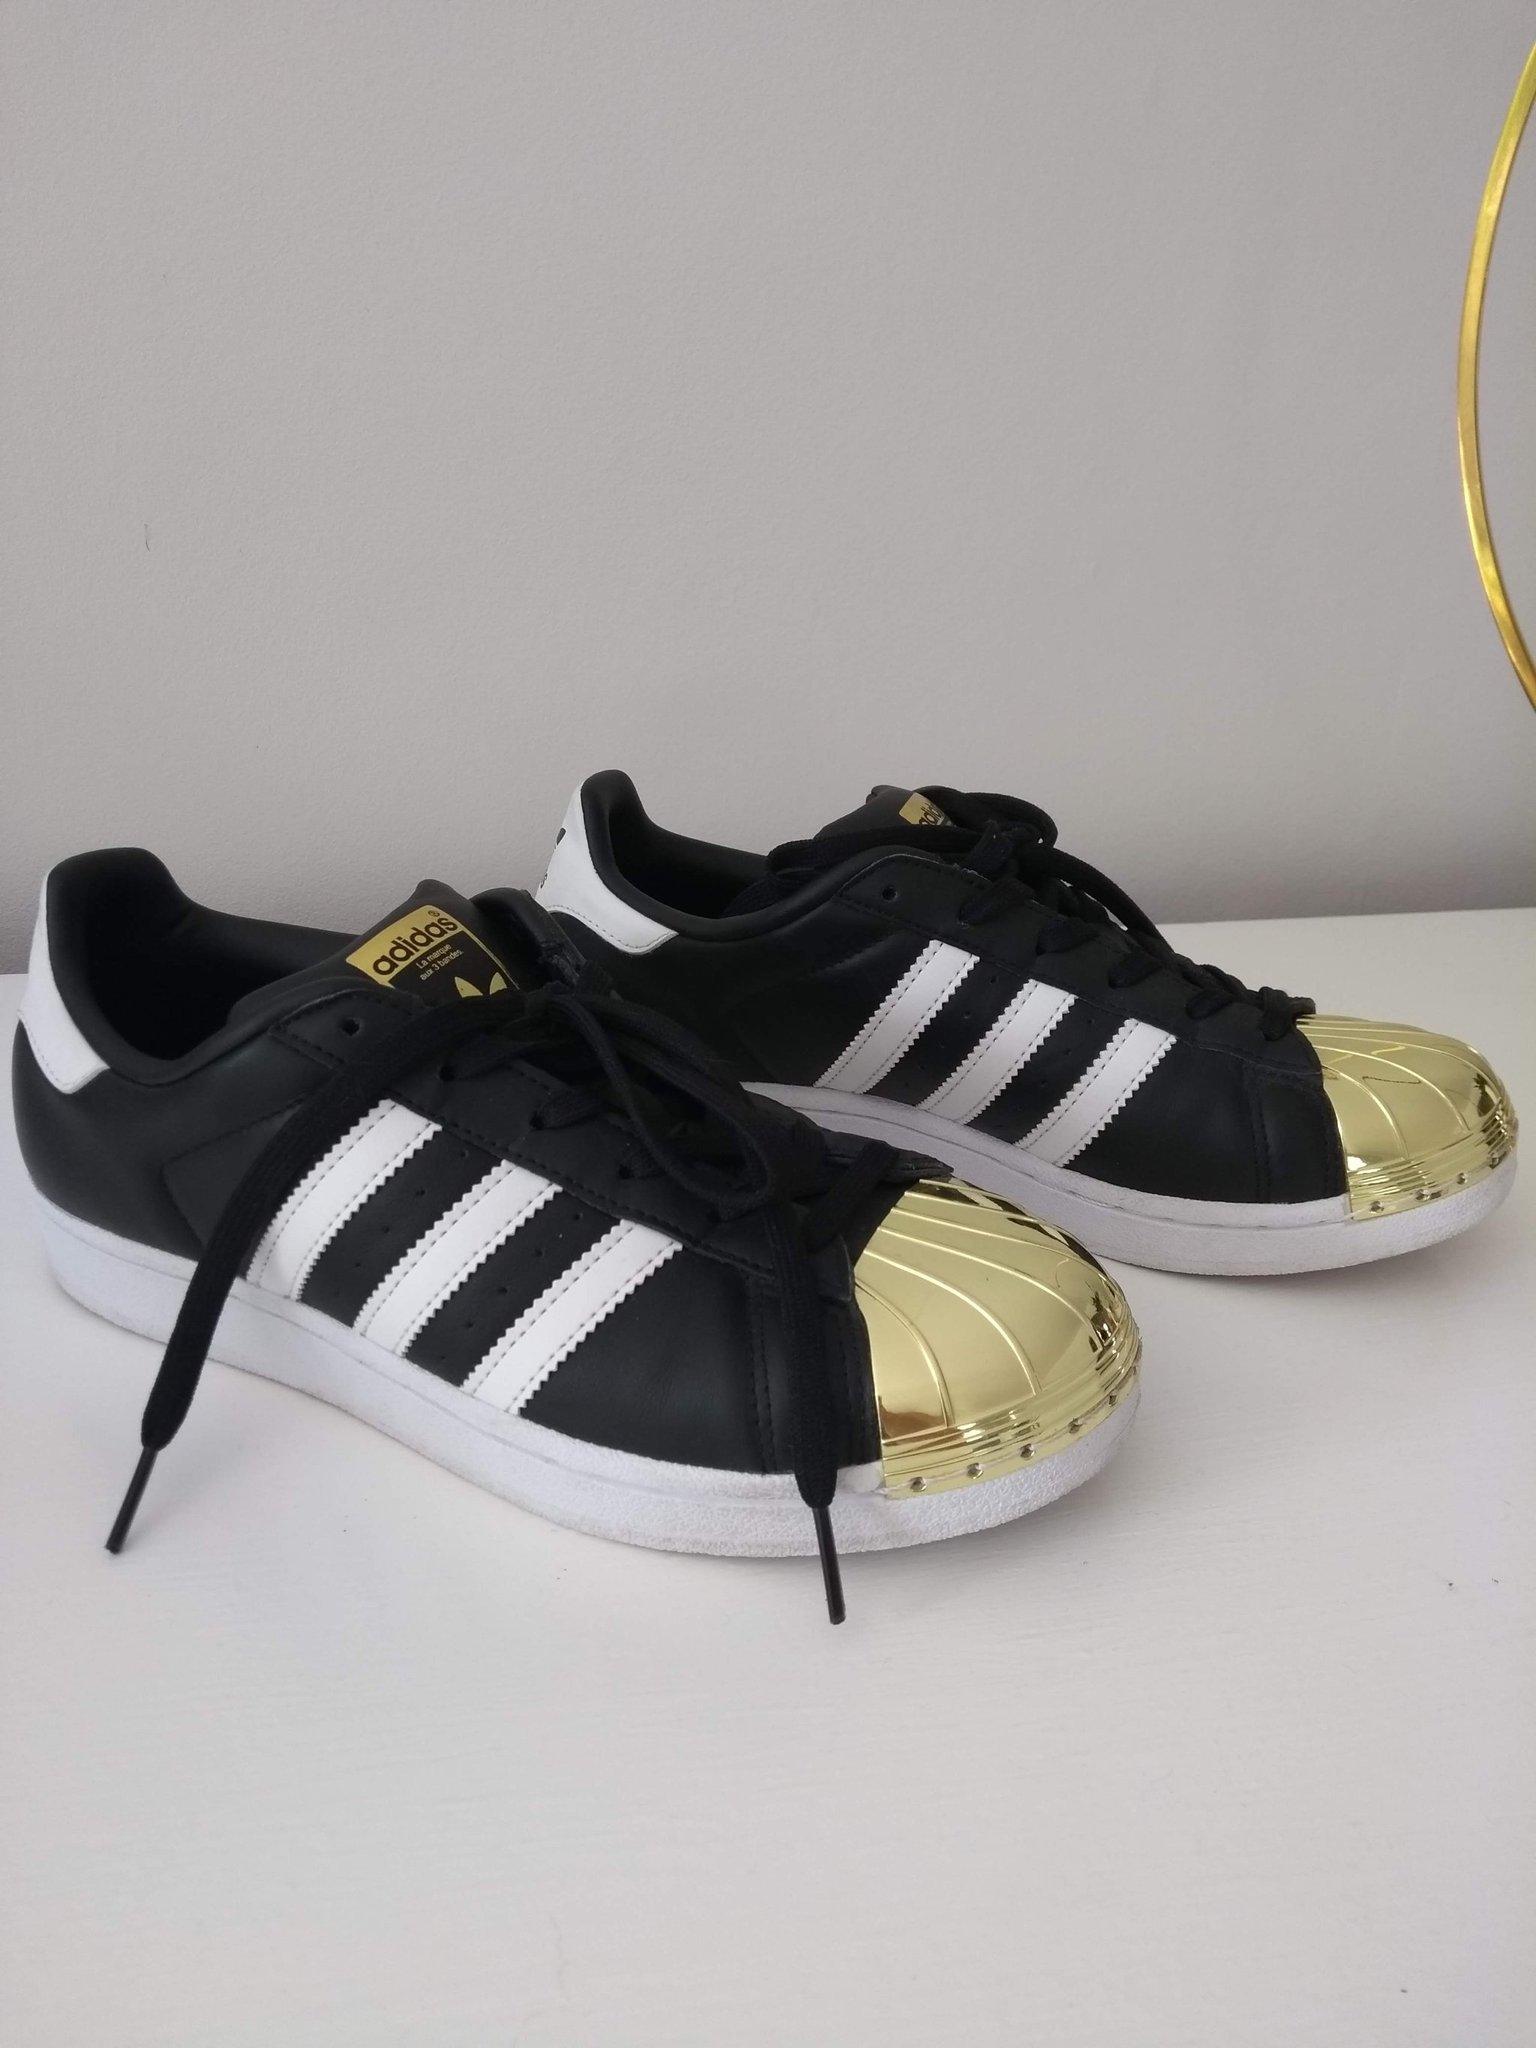 6d81323da34 Adidas Superstar Metal Toe Gold /svarta med gul.. (354170598) ᐈ Köp ...